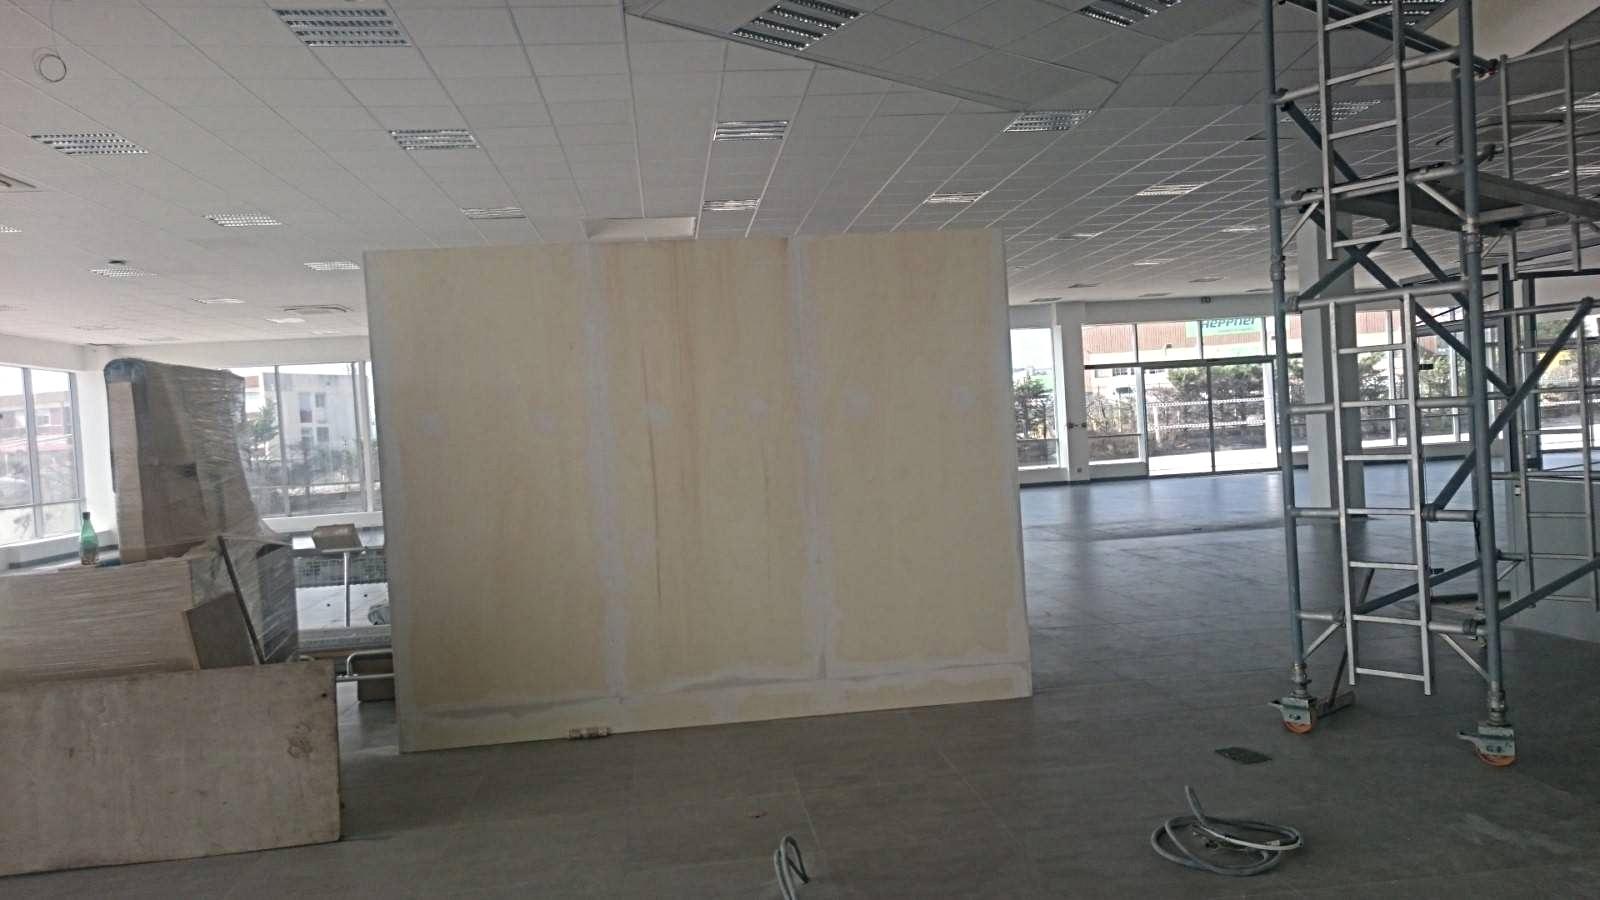 pose de cloisons modulaires r novation batiment vitrolles 13 pose de cloisons et faux plafond. Black Bedroom Furniture Sets. Home Design Ideas